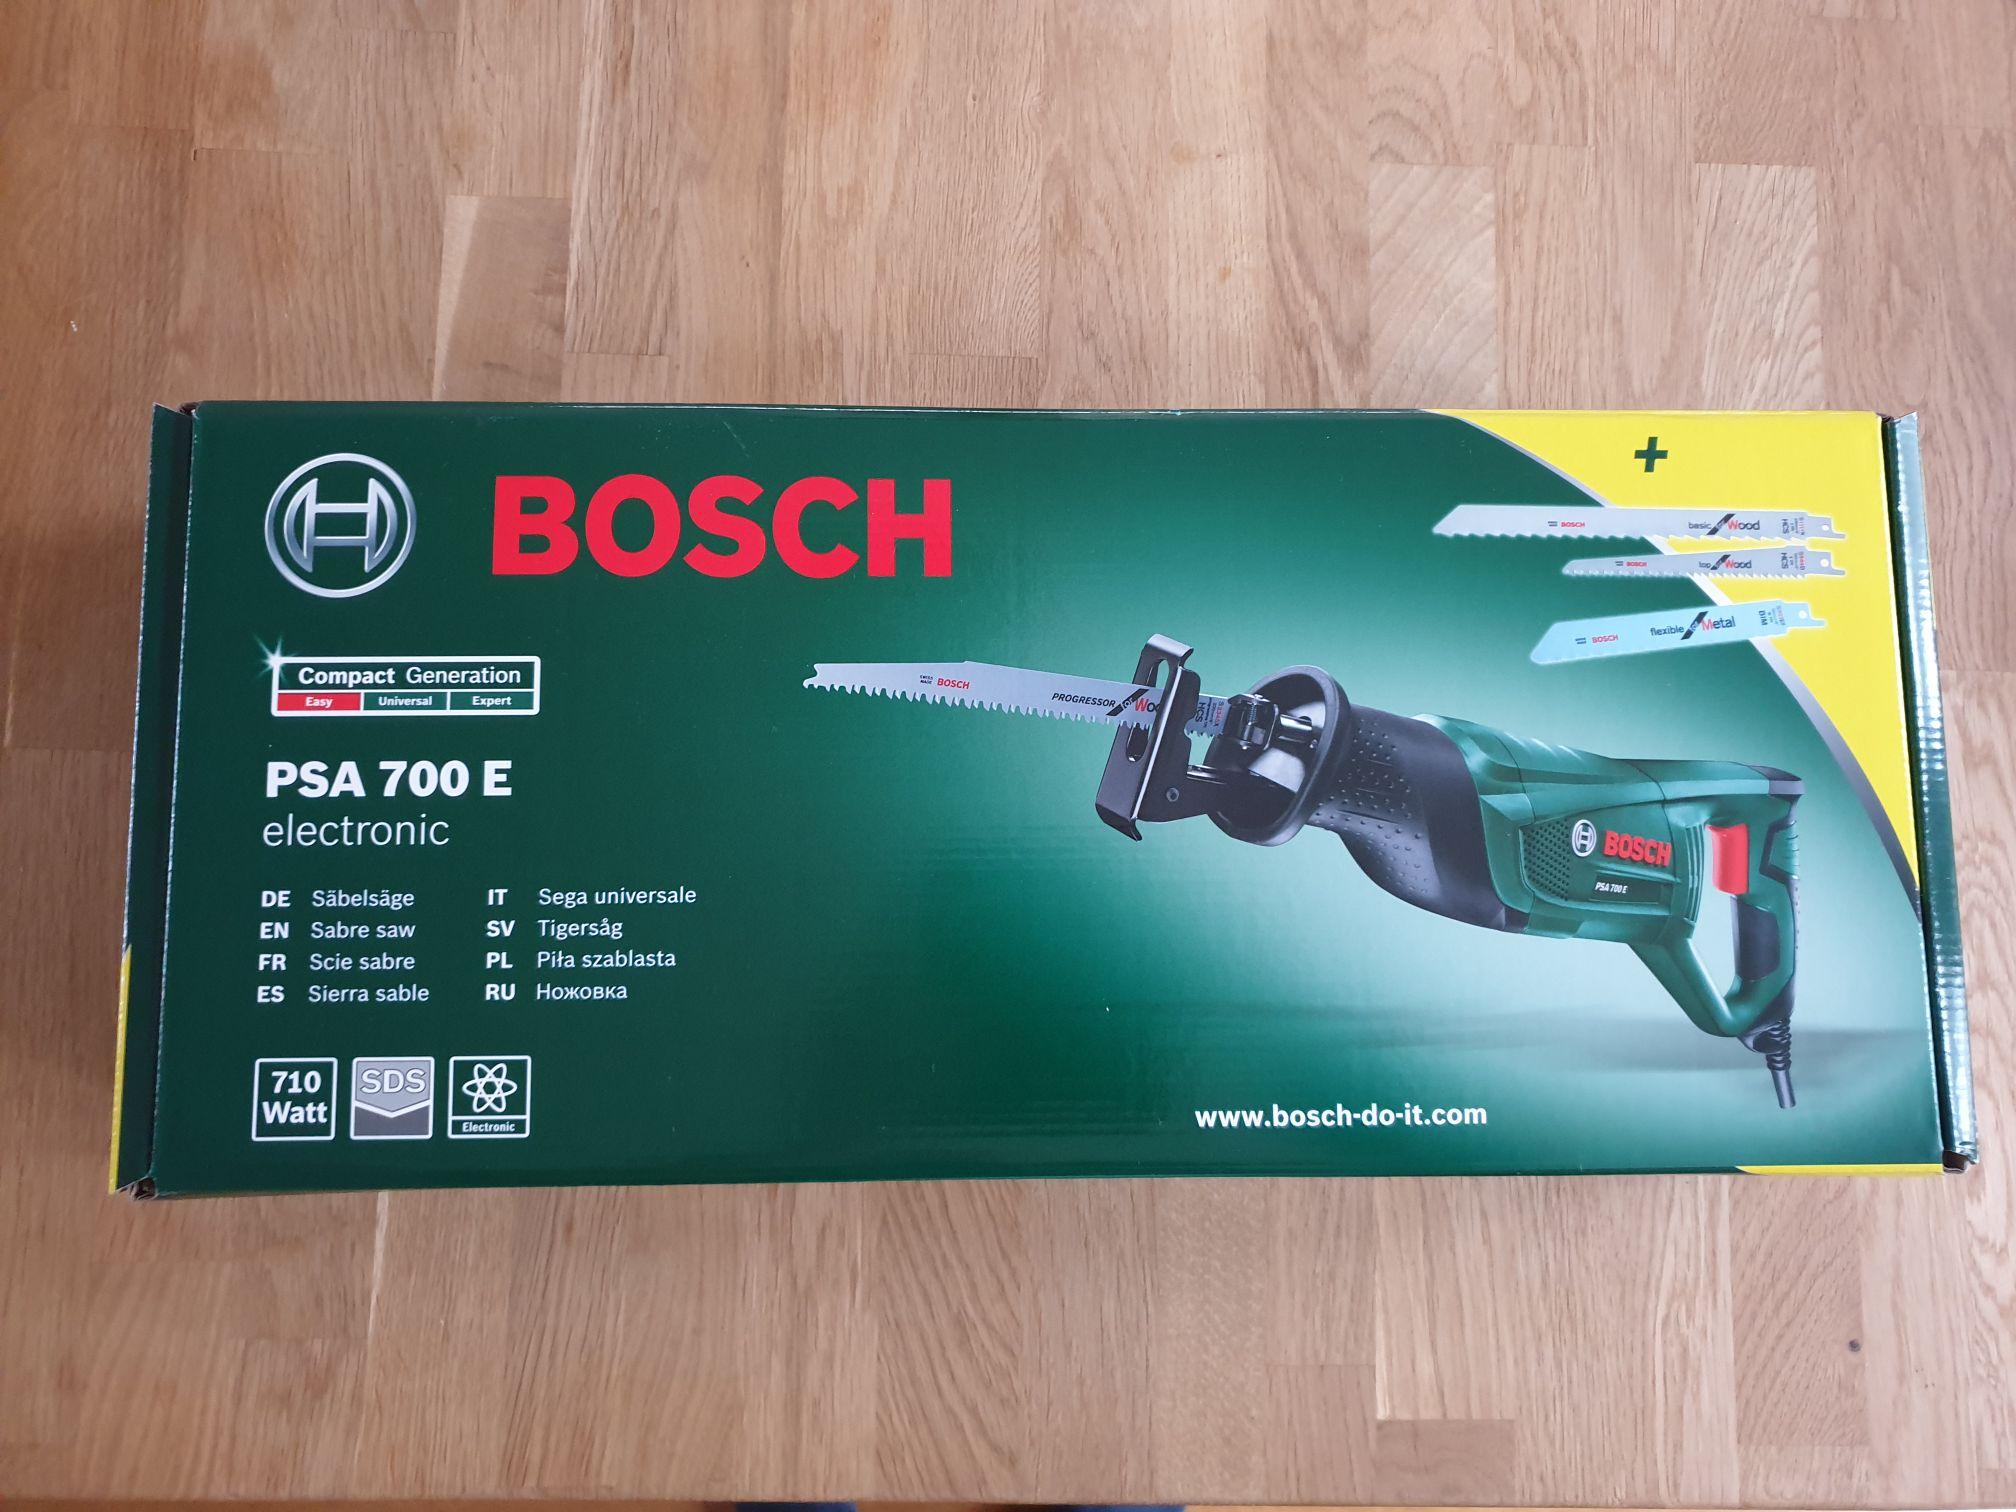 Bosch PSA700E met 3 GRATIS zaagbladen. Prijs € 60,75 na cashback bosch € 40,75